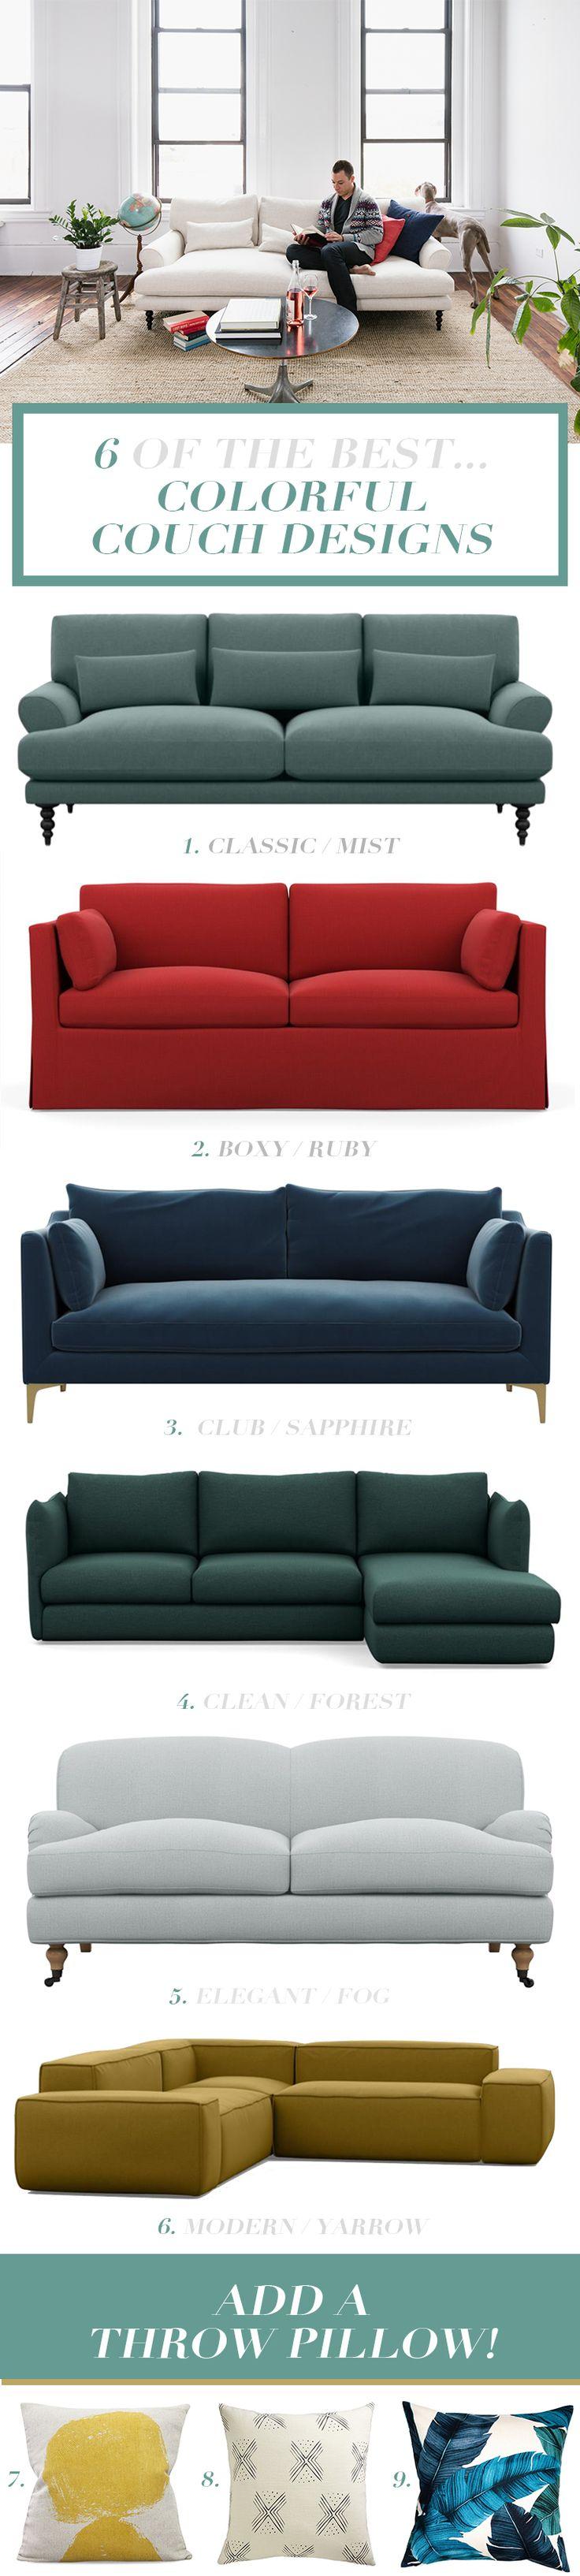 五颜六色的沙发设计